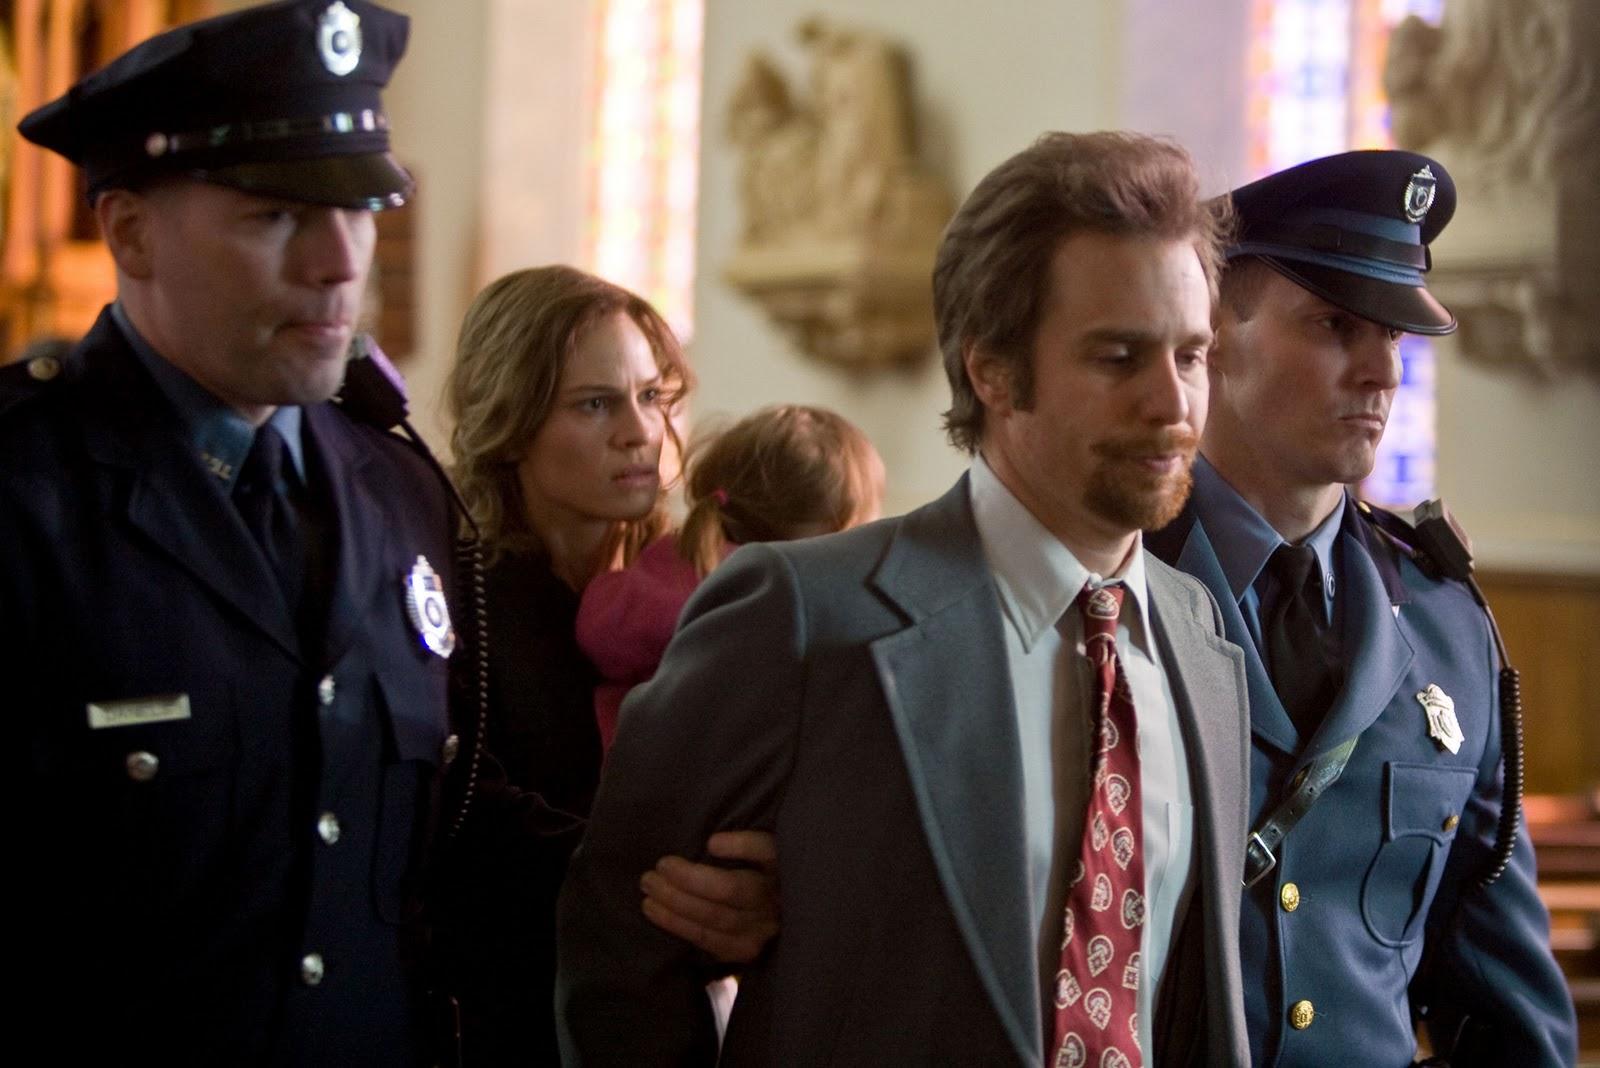 http://2.bp.blogspot.com/_GYSLJQvBMqg/TNTQRtdwk0I/AAAAAAAAB7o/EMnqJwEMw1U/s1600/Conviction_Sam_Rockwell_Hilary_Swank.jpg